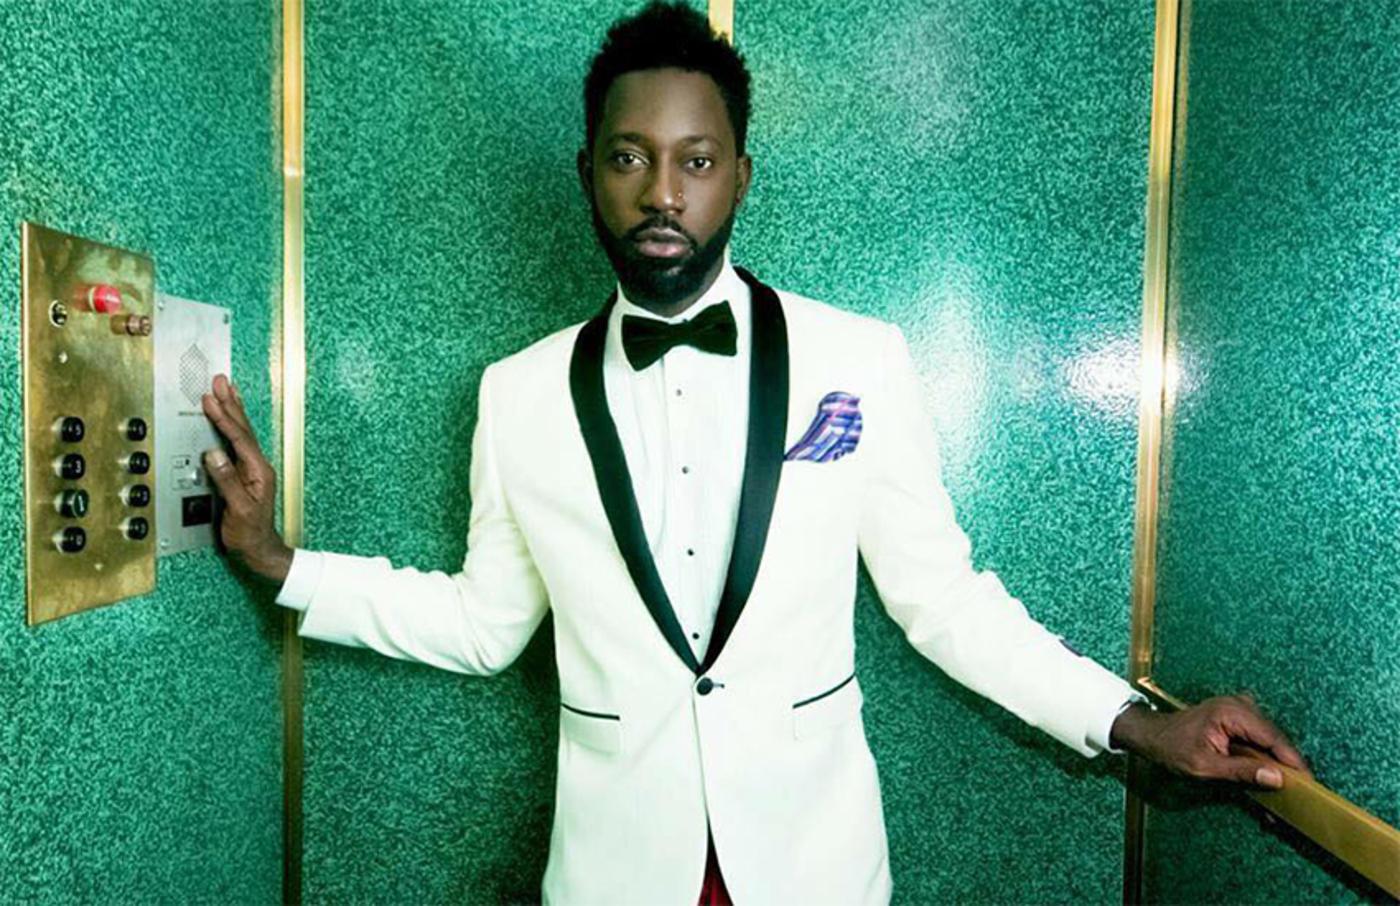 Wondrous Gay Fashion Designer Found Murdered In Jamaica Aazah Download Free Architecture Designs Scobabritishbridgeorg